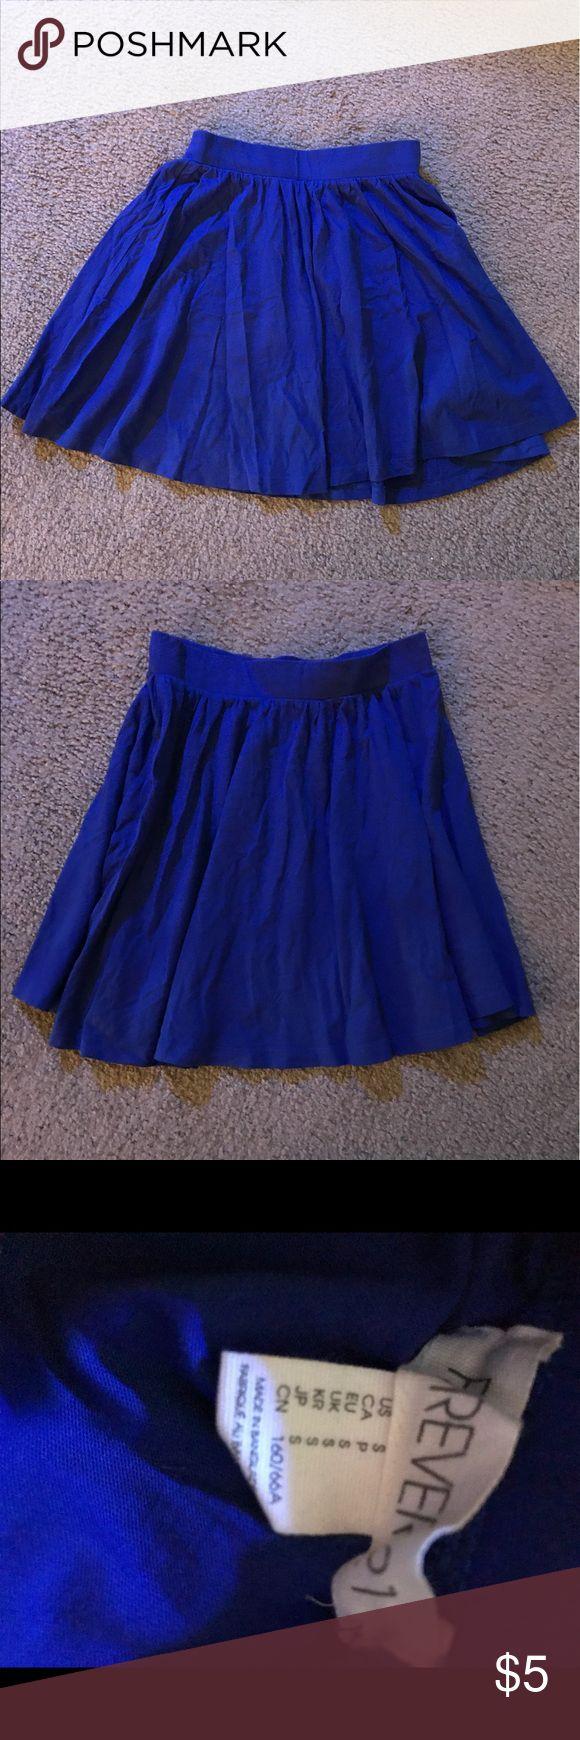 Blue Skater Skirt, Forever 21 Skirt, Cute Mini Gently used forever 21 skater skirt Forever 21 Skirts Circle & Skater